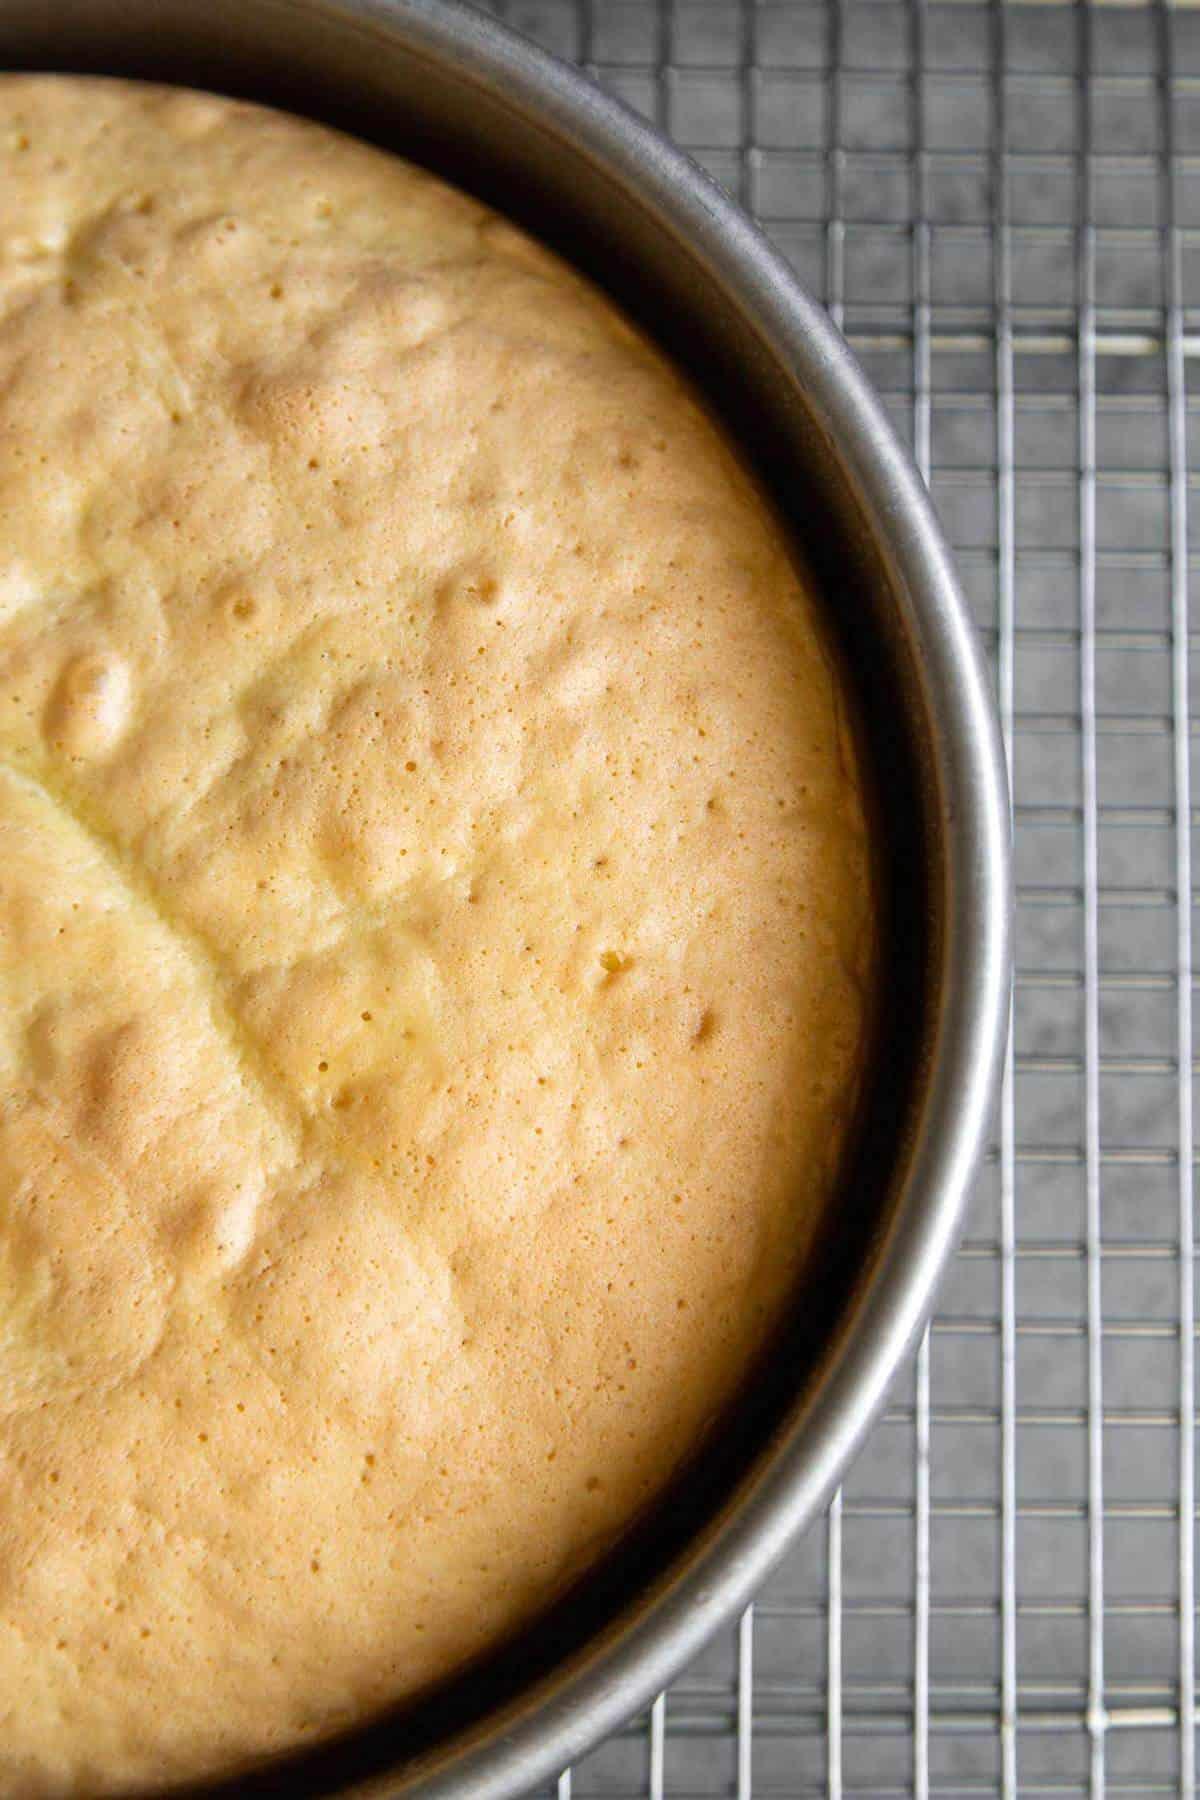 baked sponge cake will pull away from cake pan.